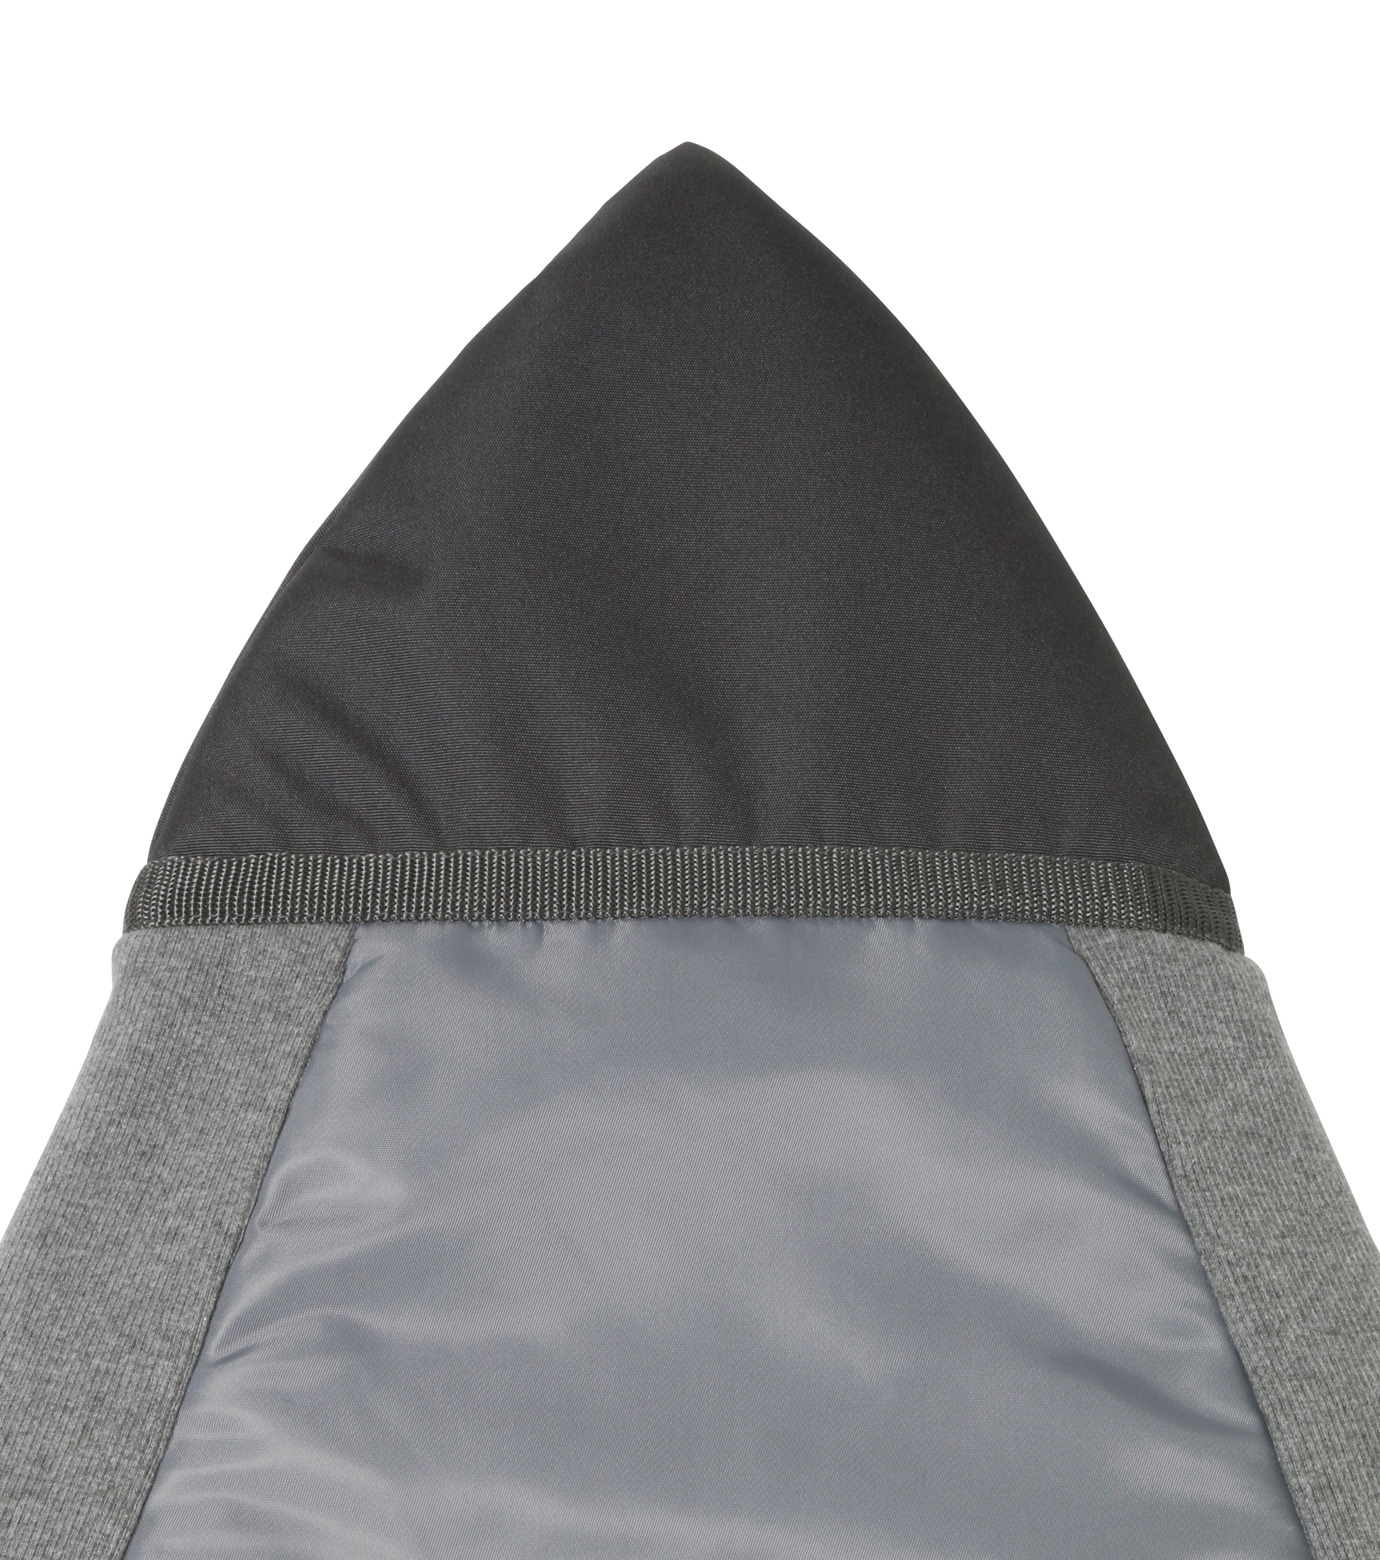 HEY YOU !(ヘイユウ)のSurfboard Jacket Short-GRAY(サーフ/OUTDOOR/surf/OUTDOOR)-18S90007-11 拡大詳細画像2